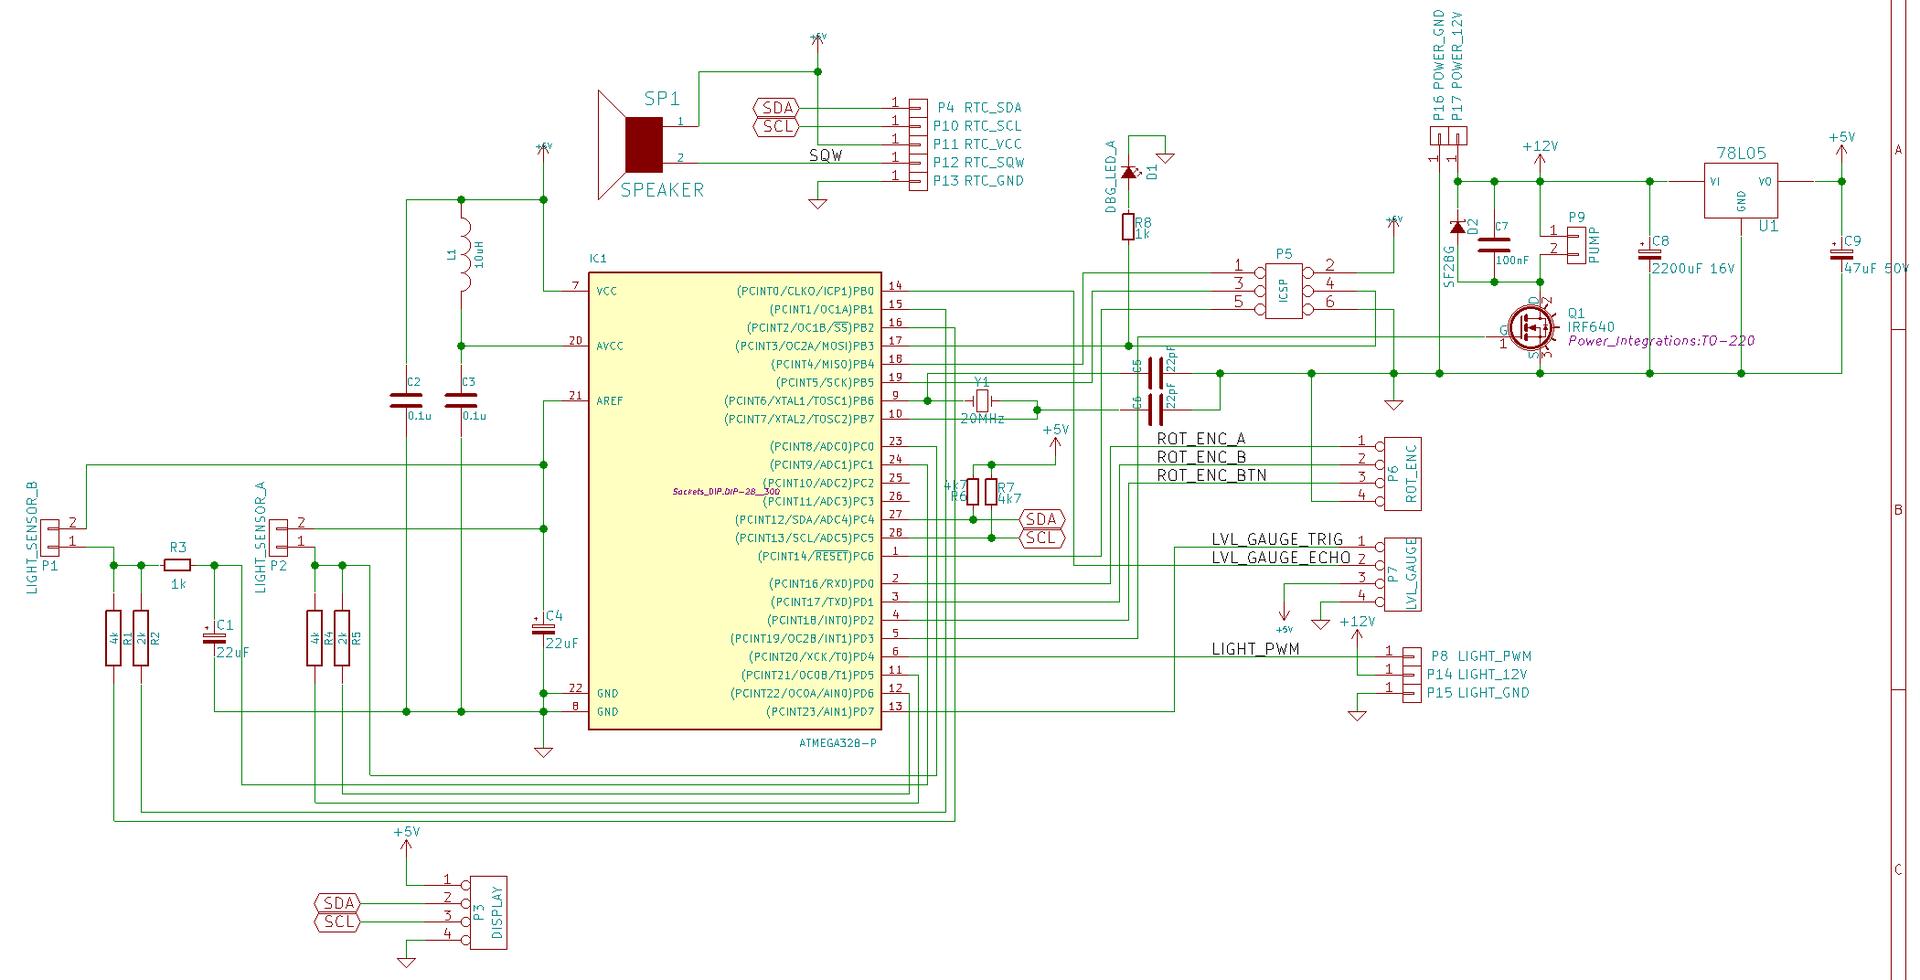 Гидропоника на подоконнике или C++11 в микроконтроллерах AVR - 2